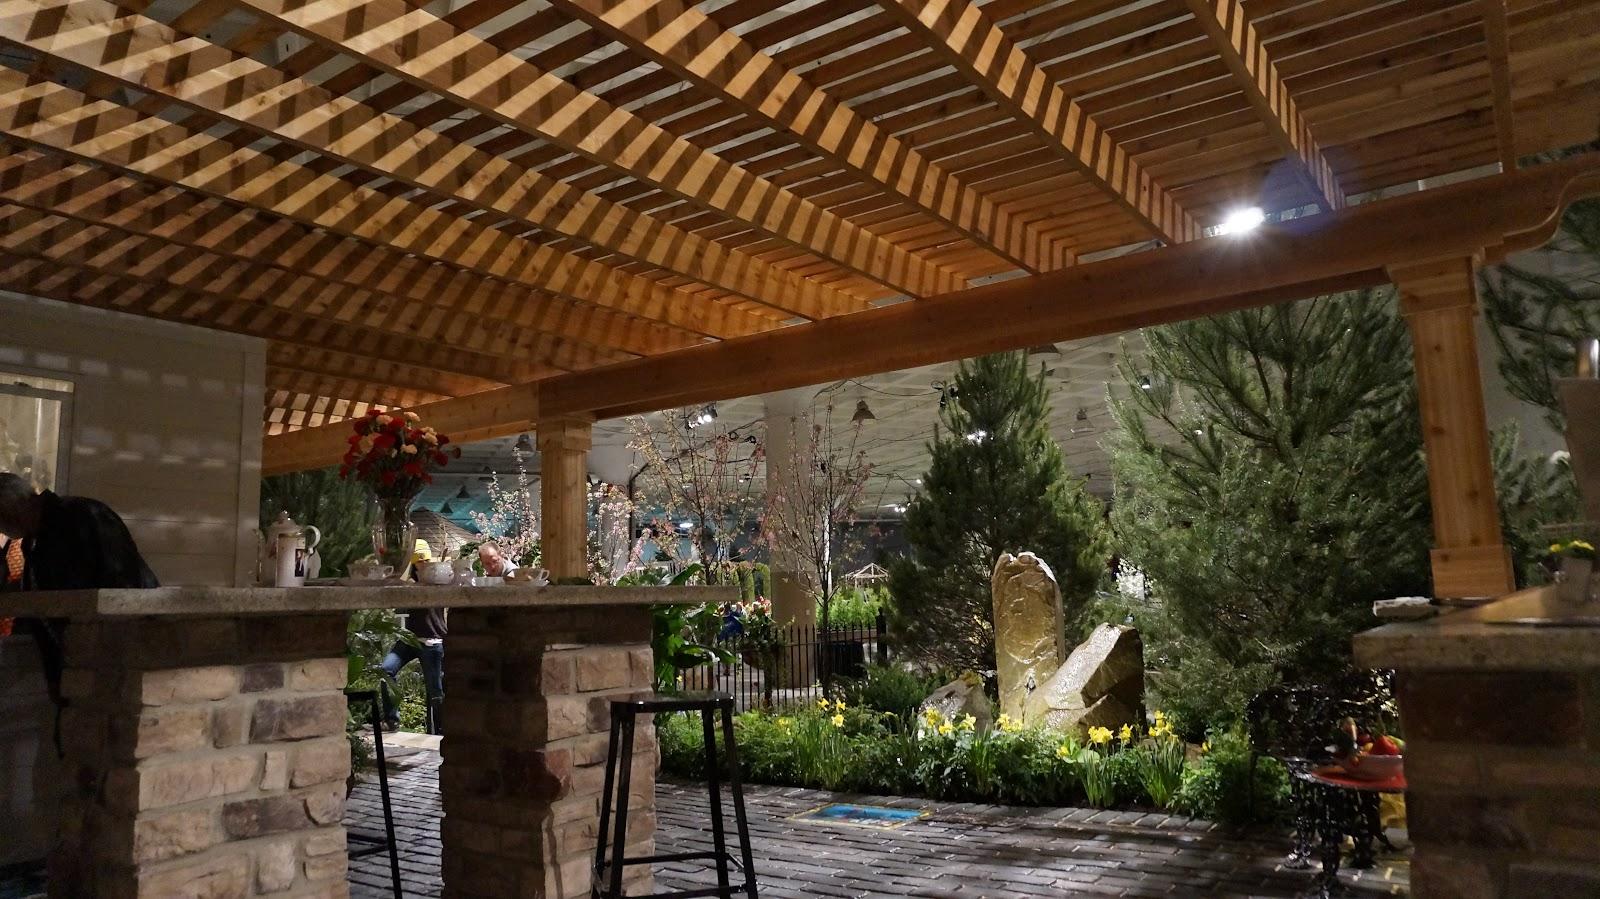 Pergola-design-over-patio-space